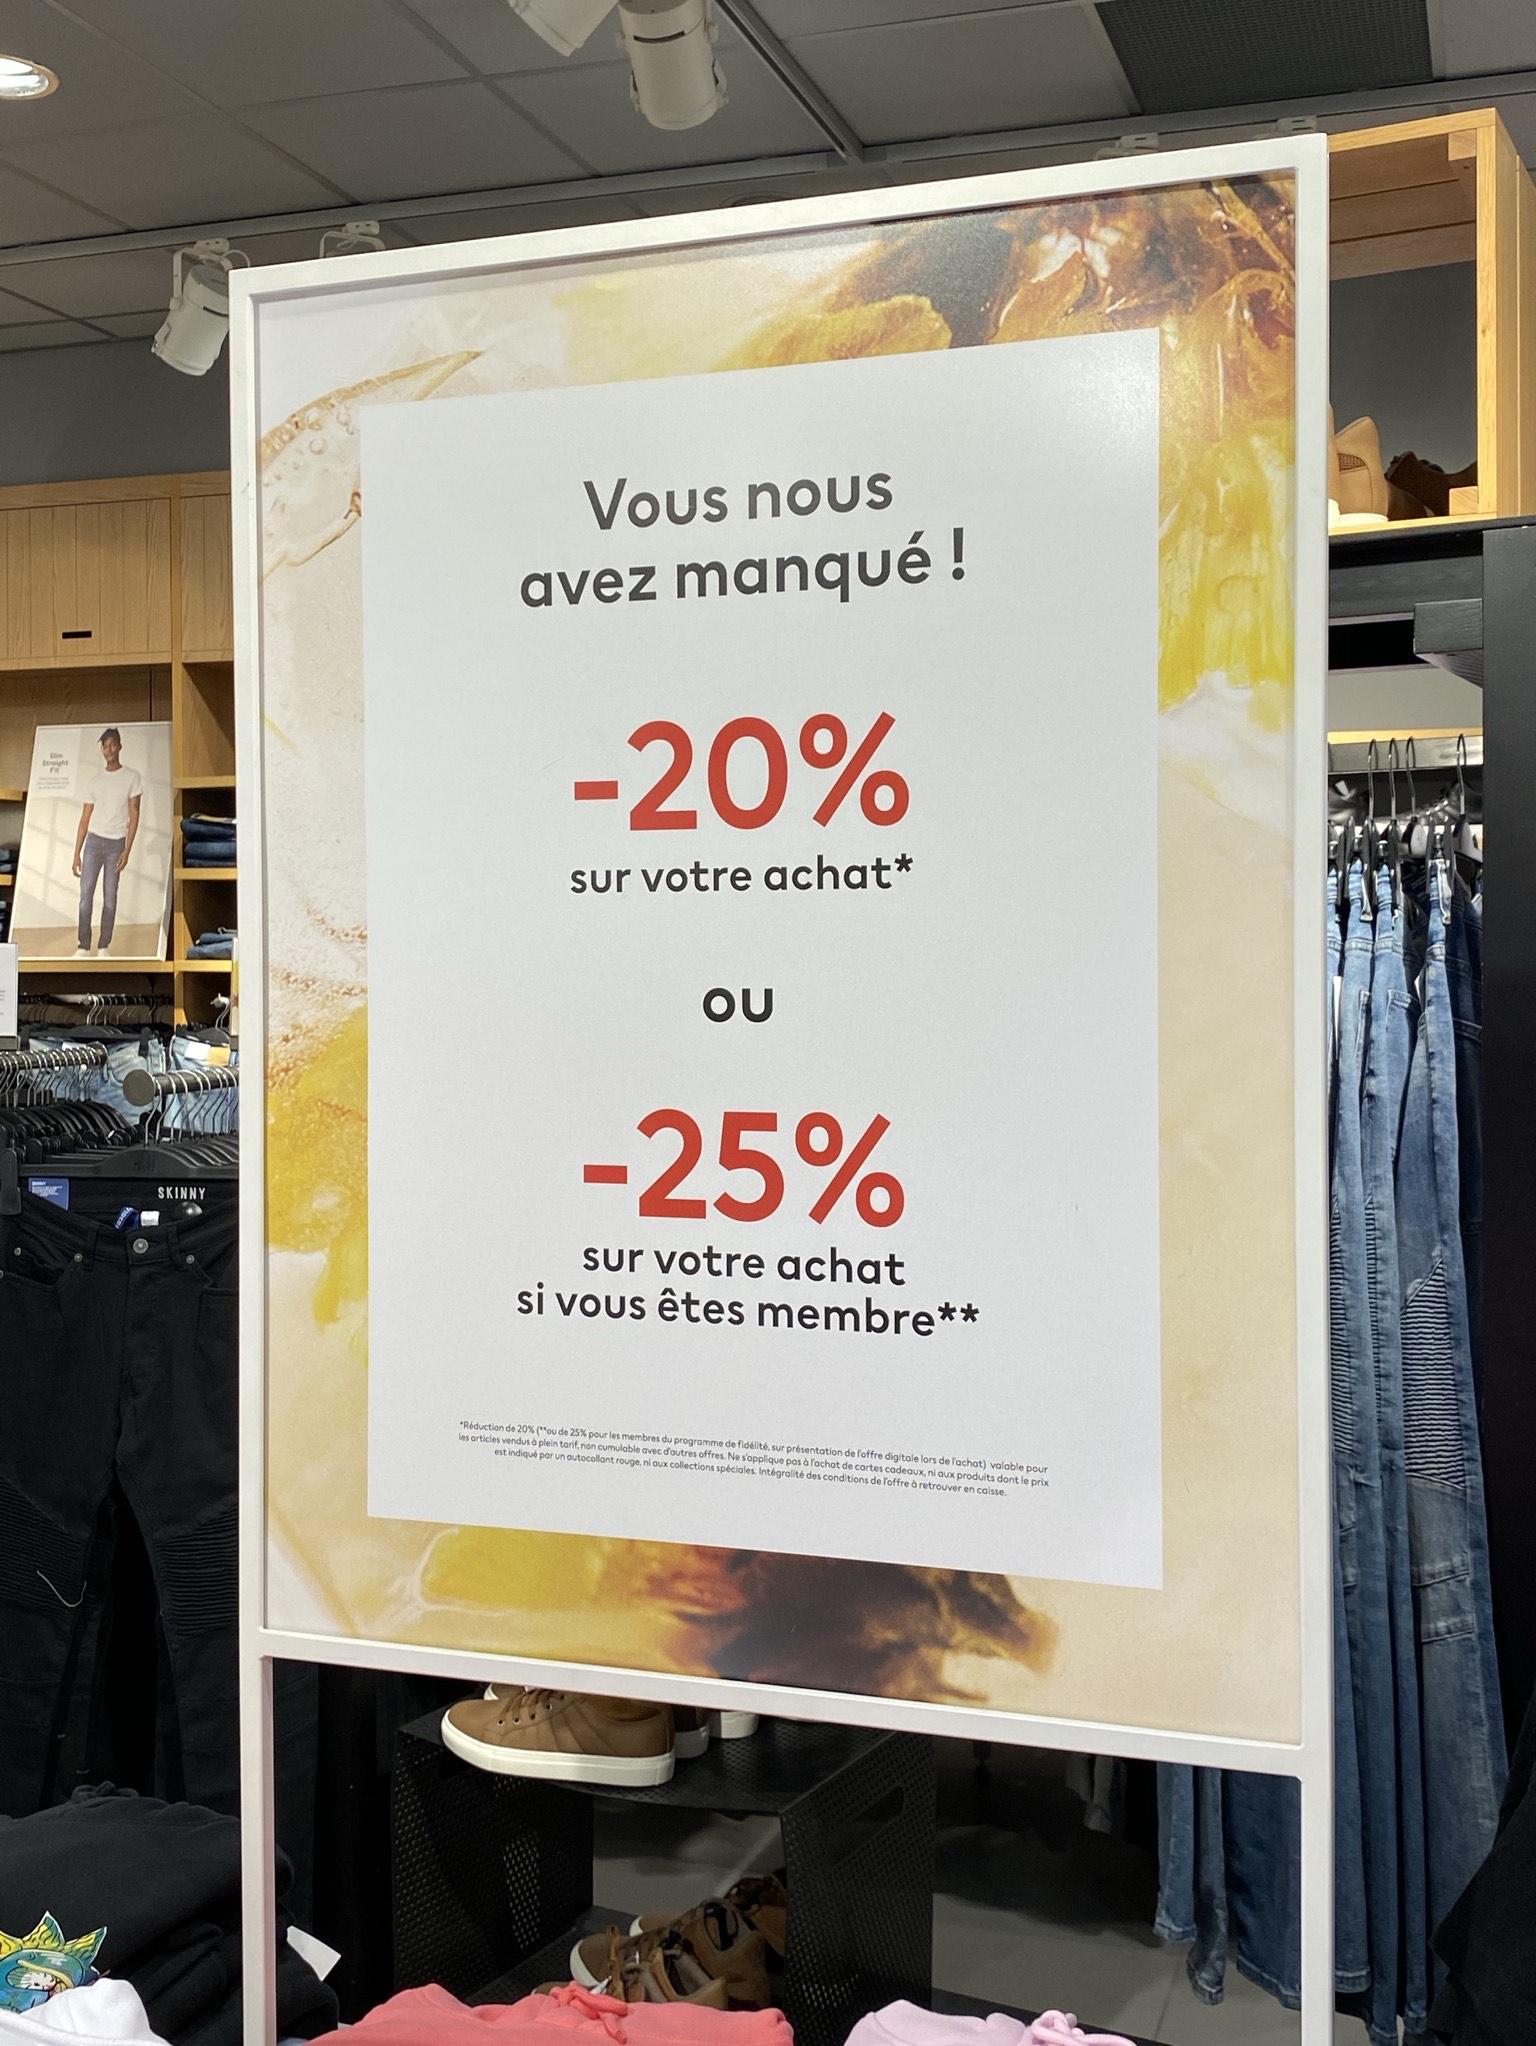 20% de réduction sur votre achat (-25% pour les Membres)